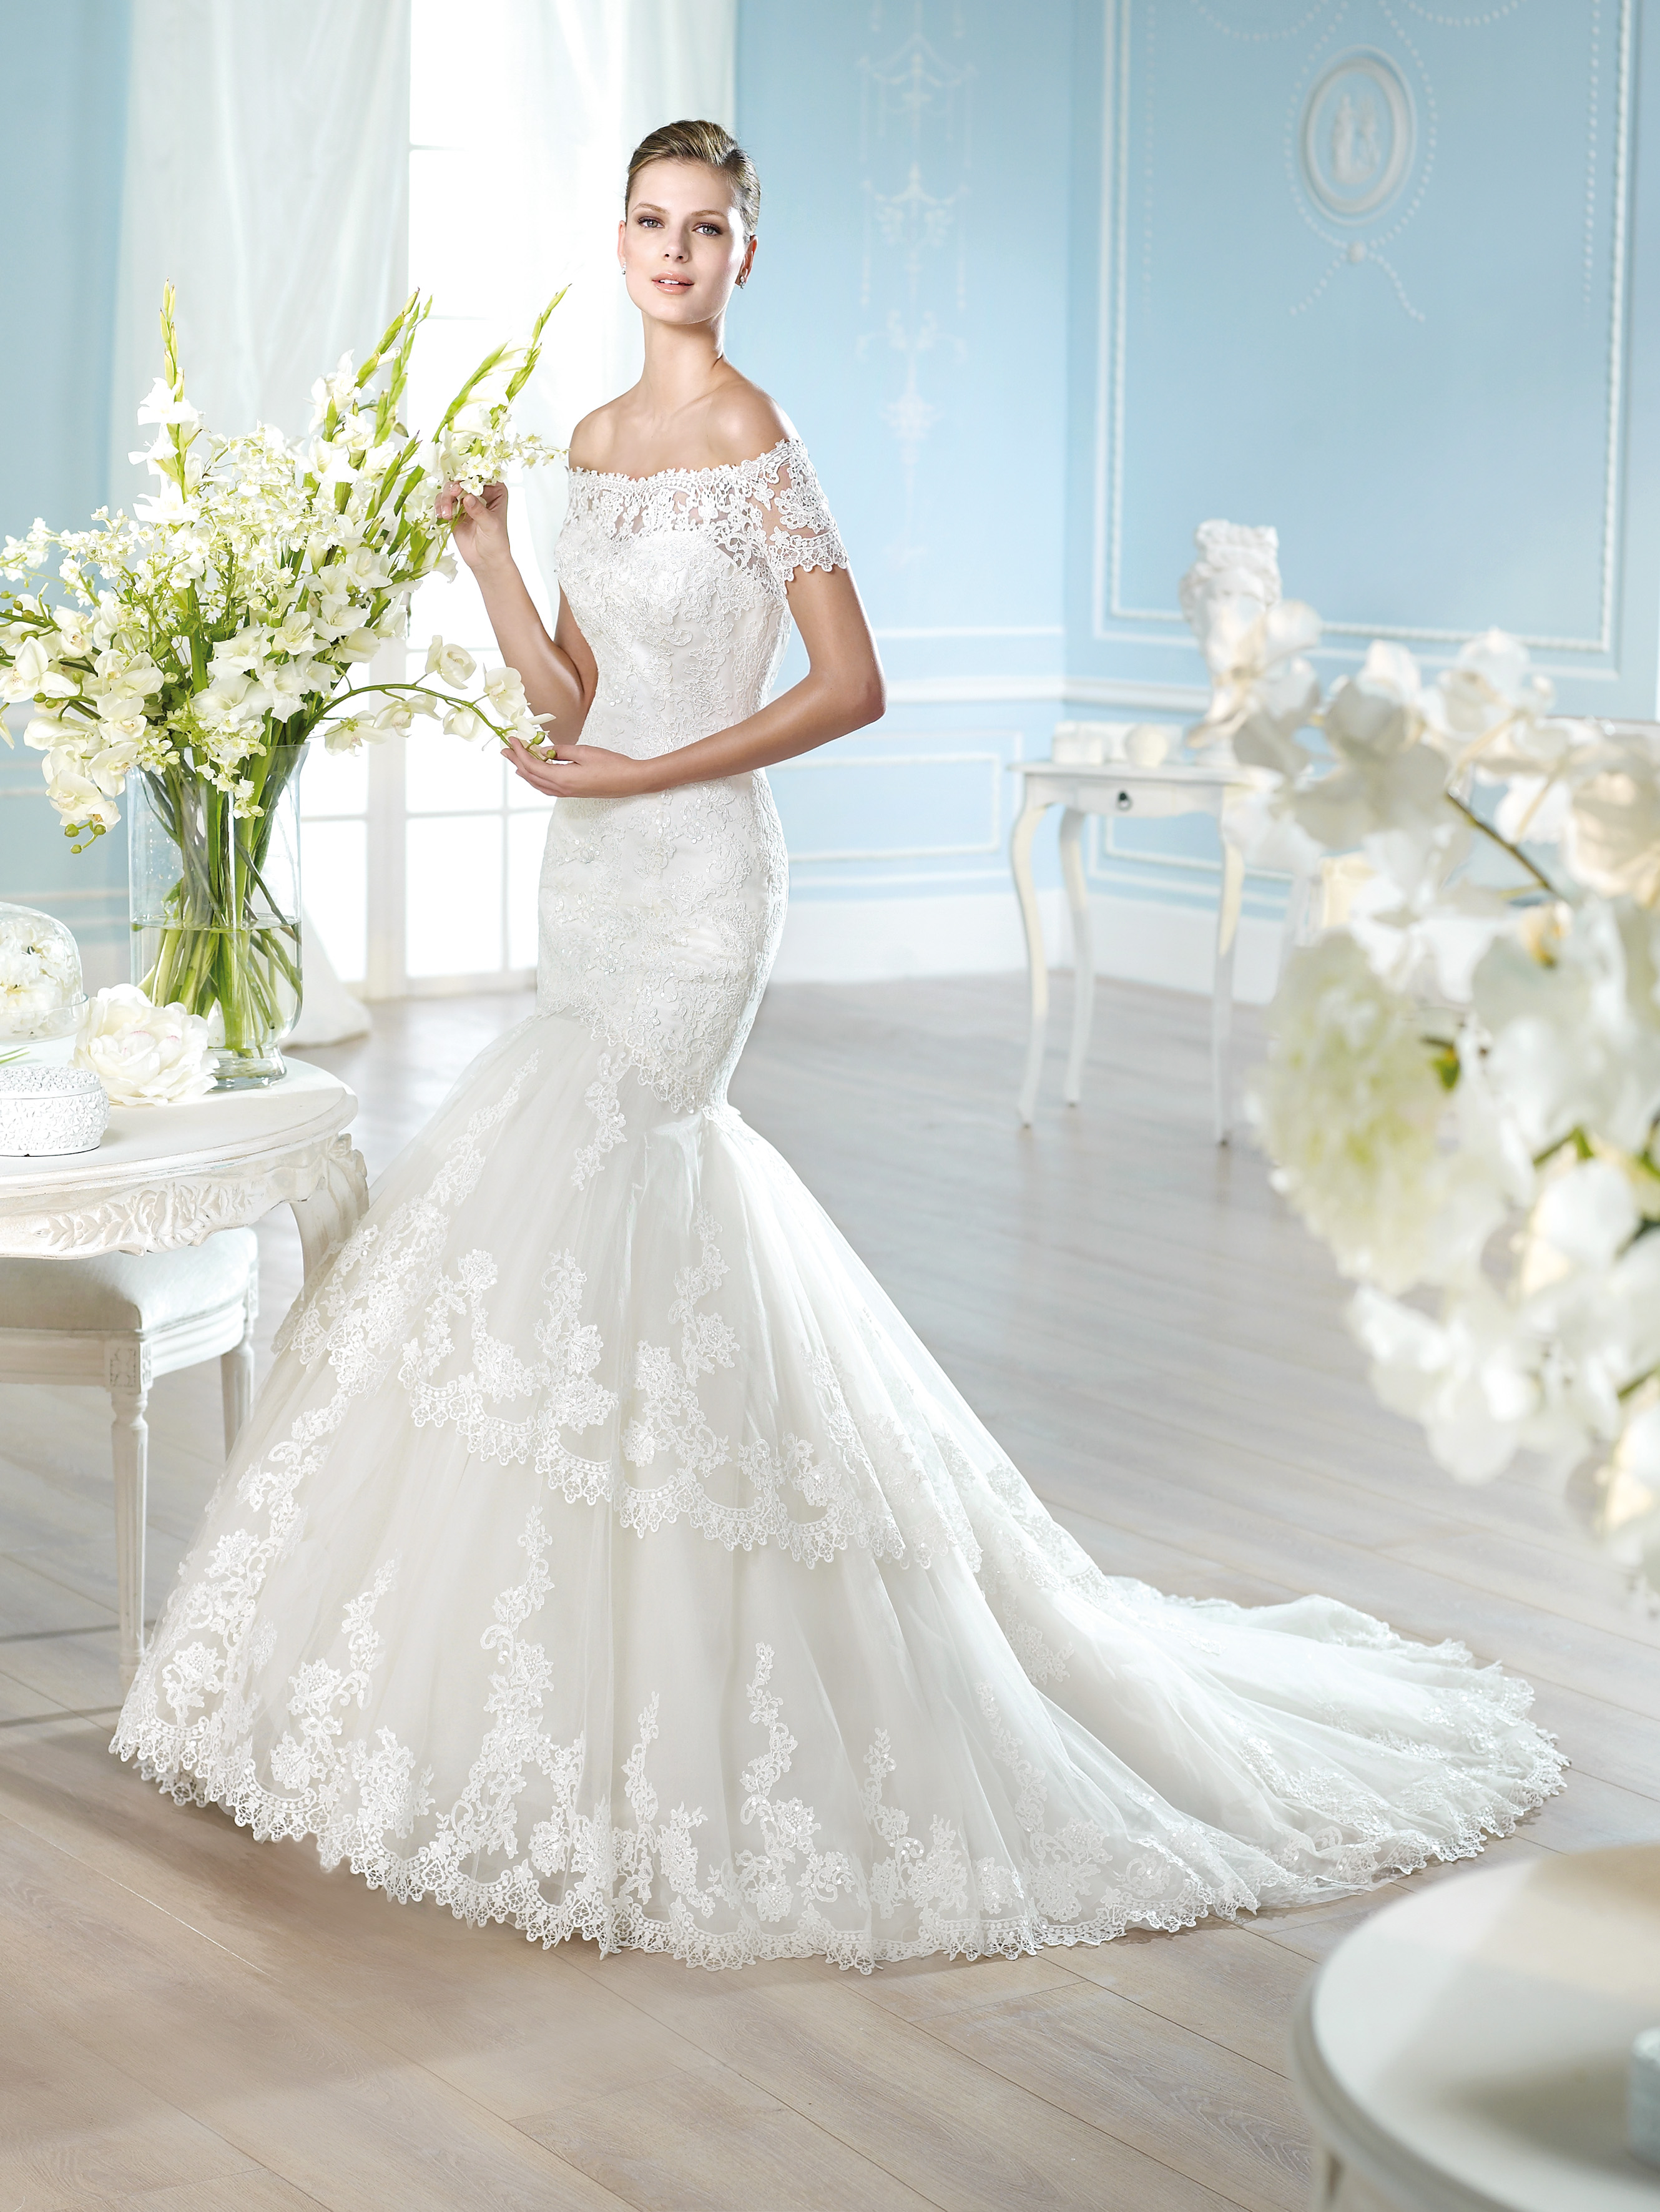 MyStyle-Brautmoden-Ulm - Hier finden Sie Ihr Brautkleid ...